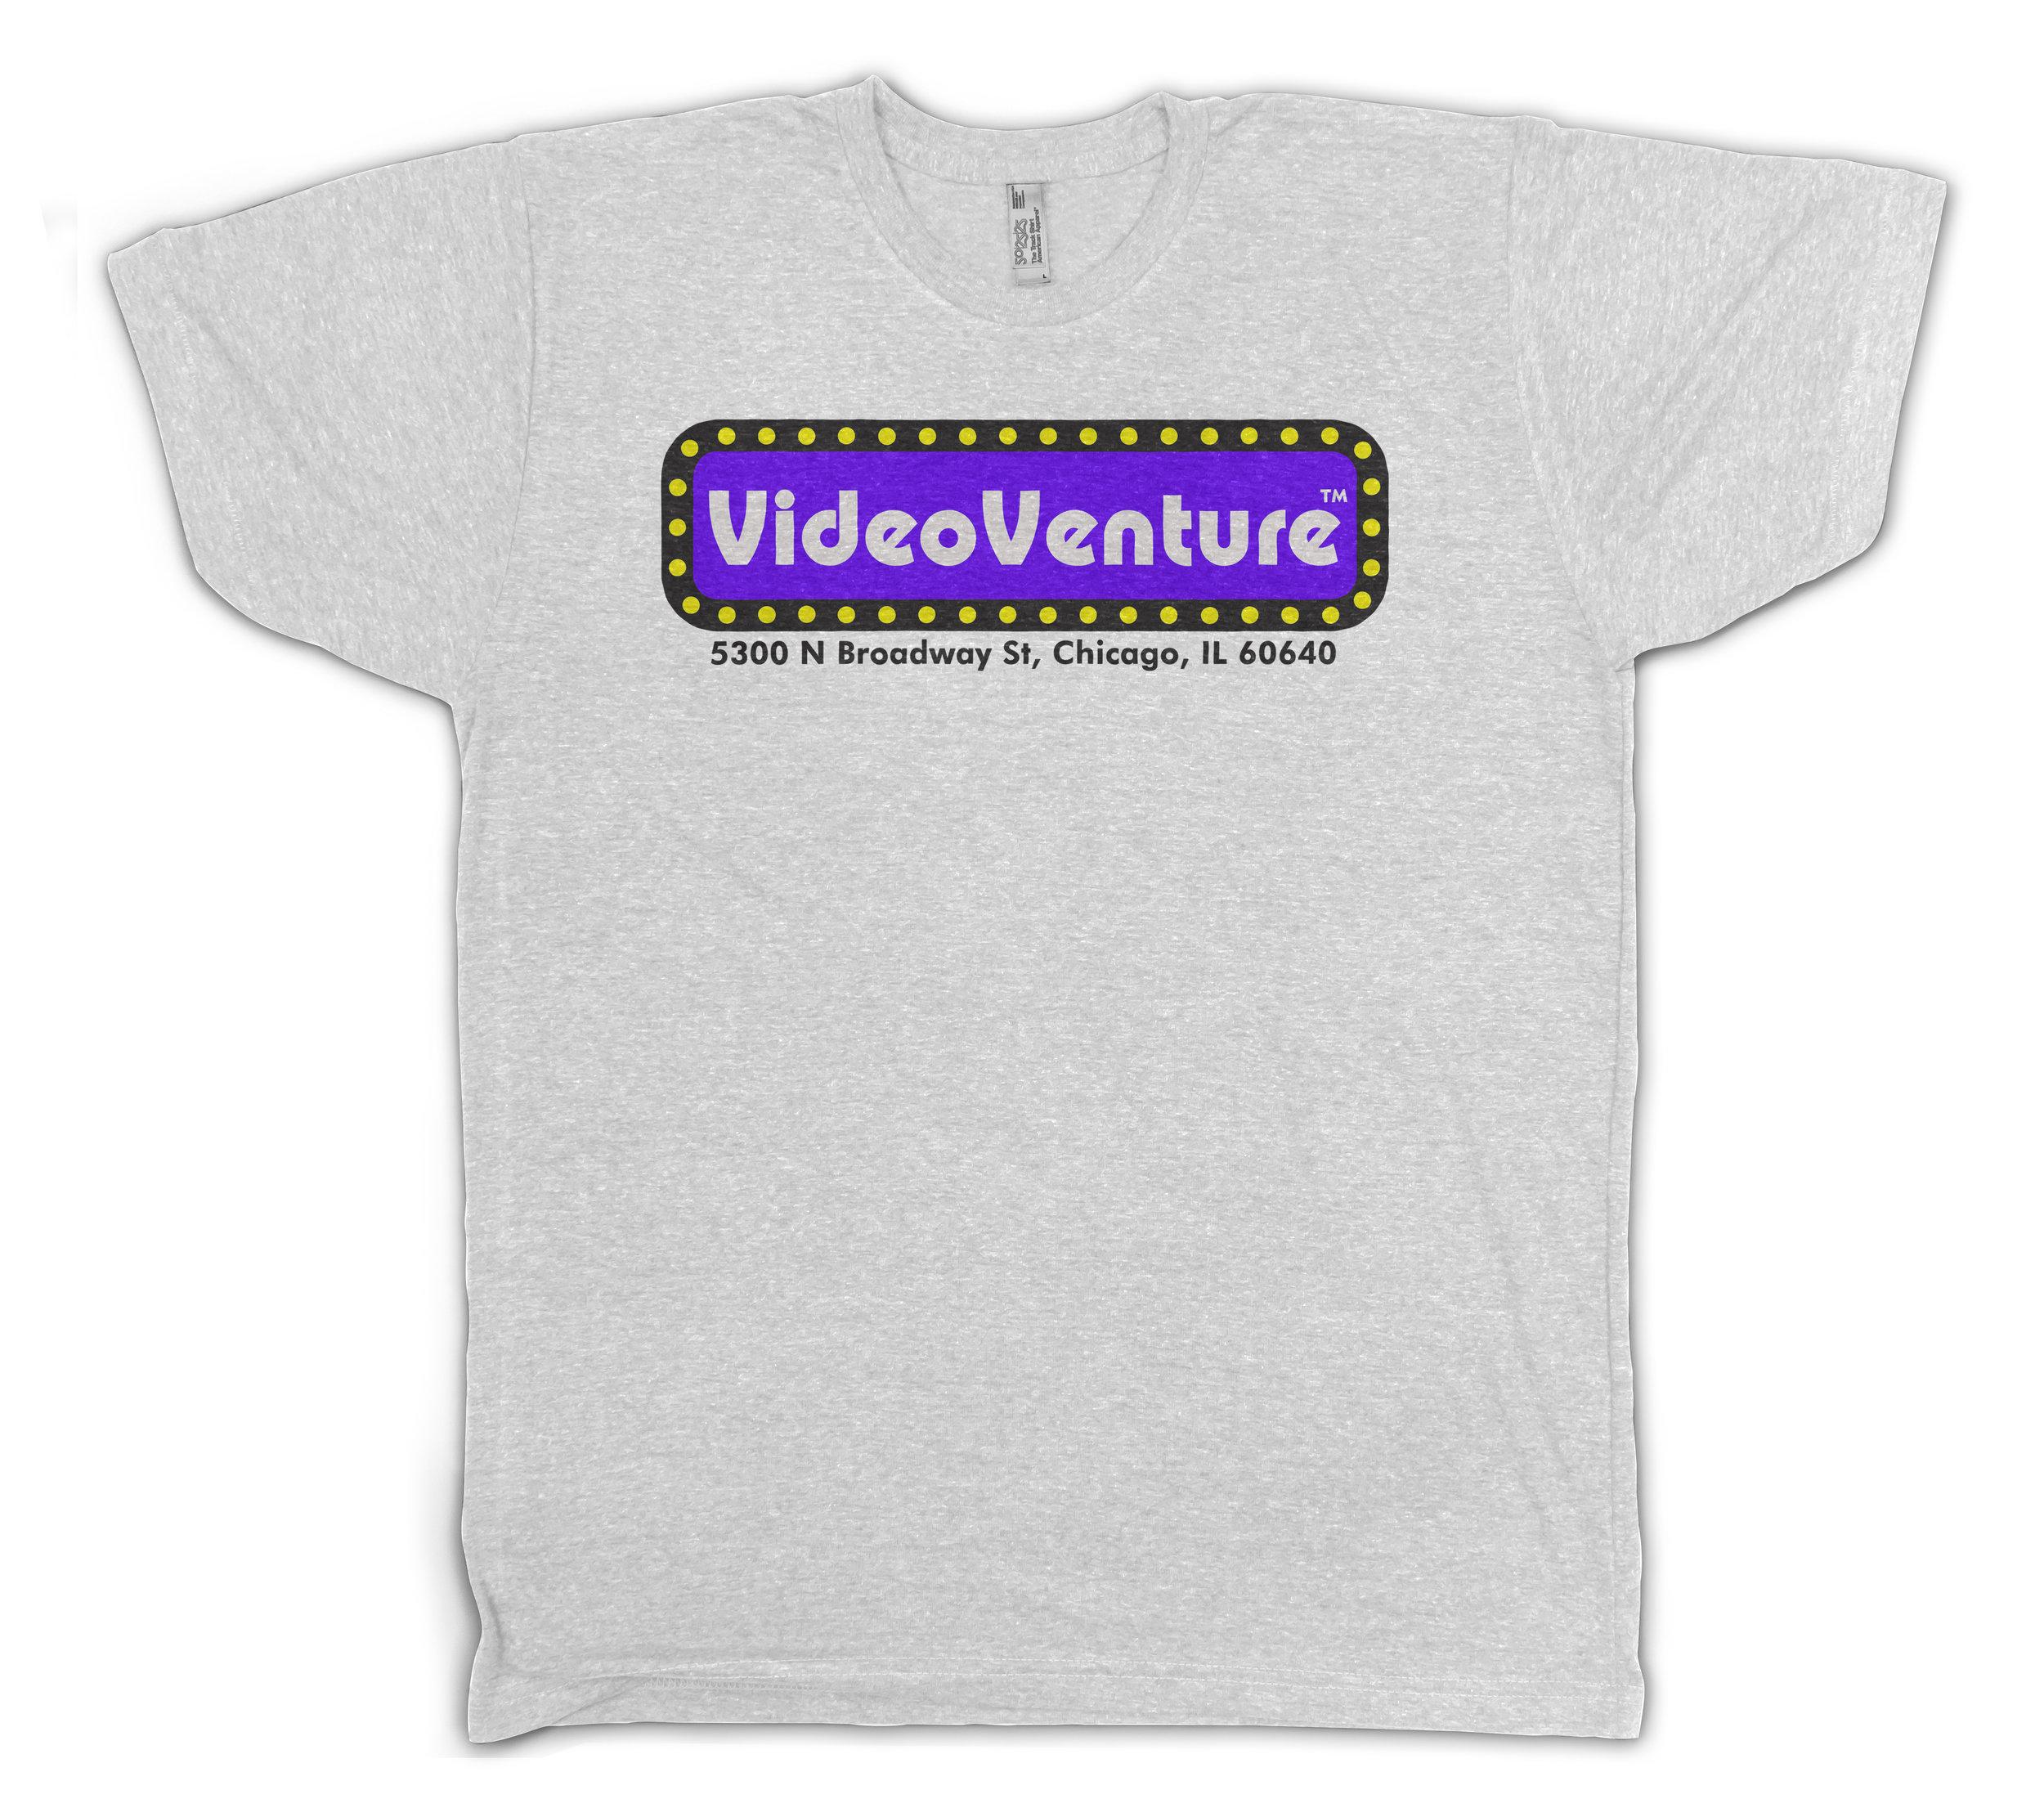 VideoVentureAshShirtMockup.jpg